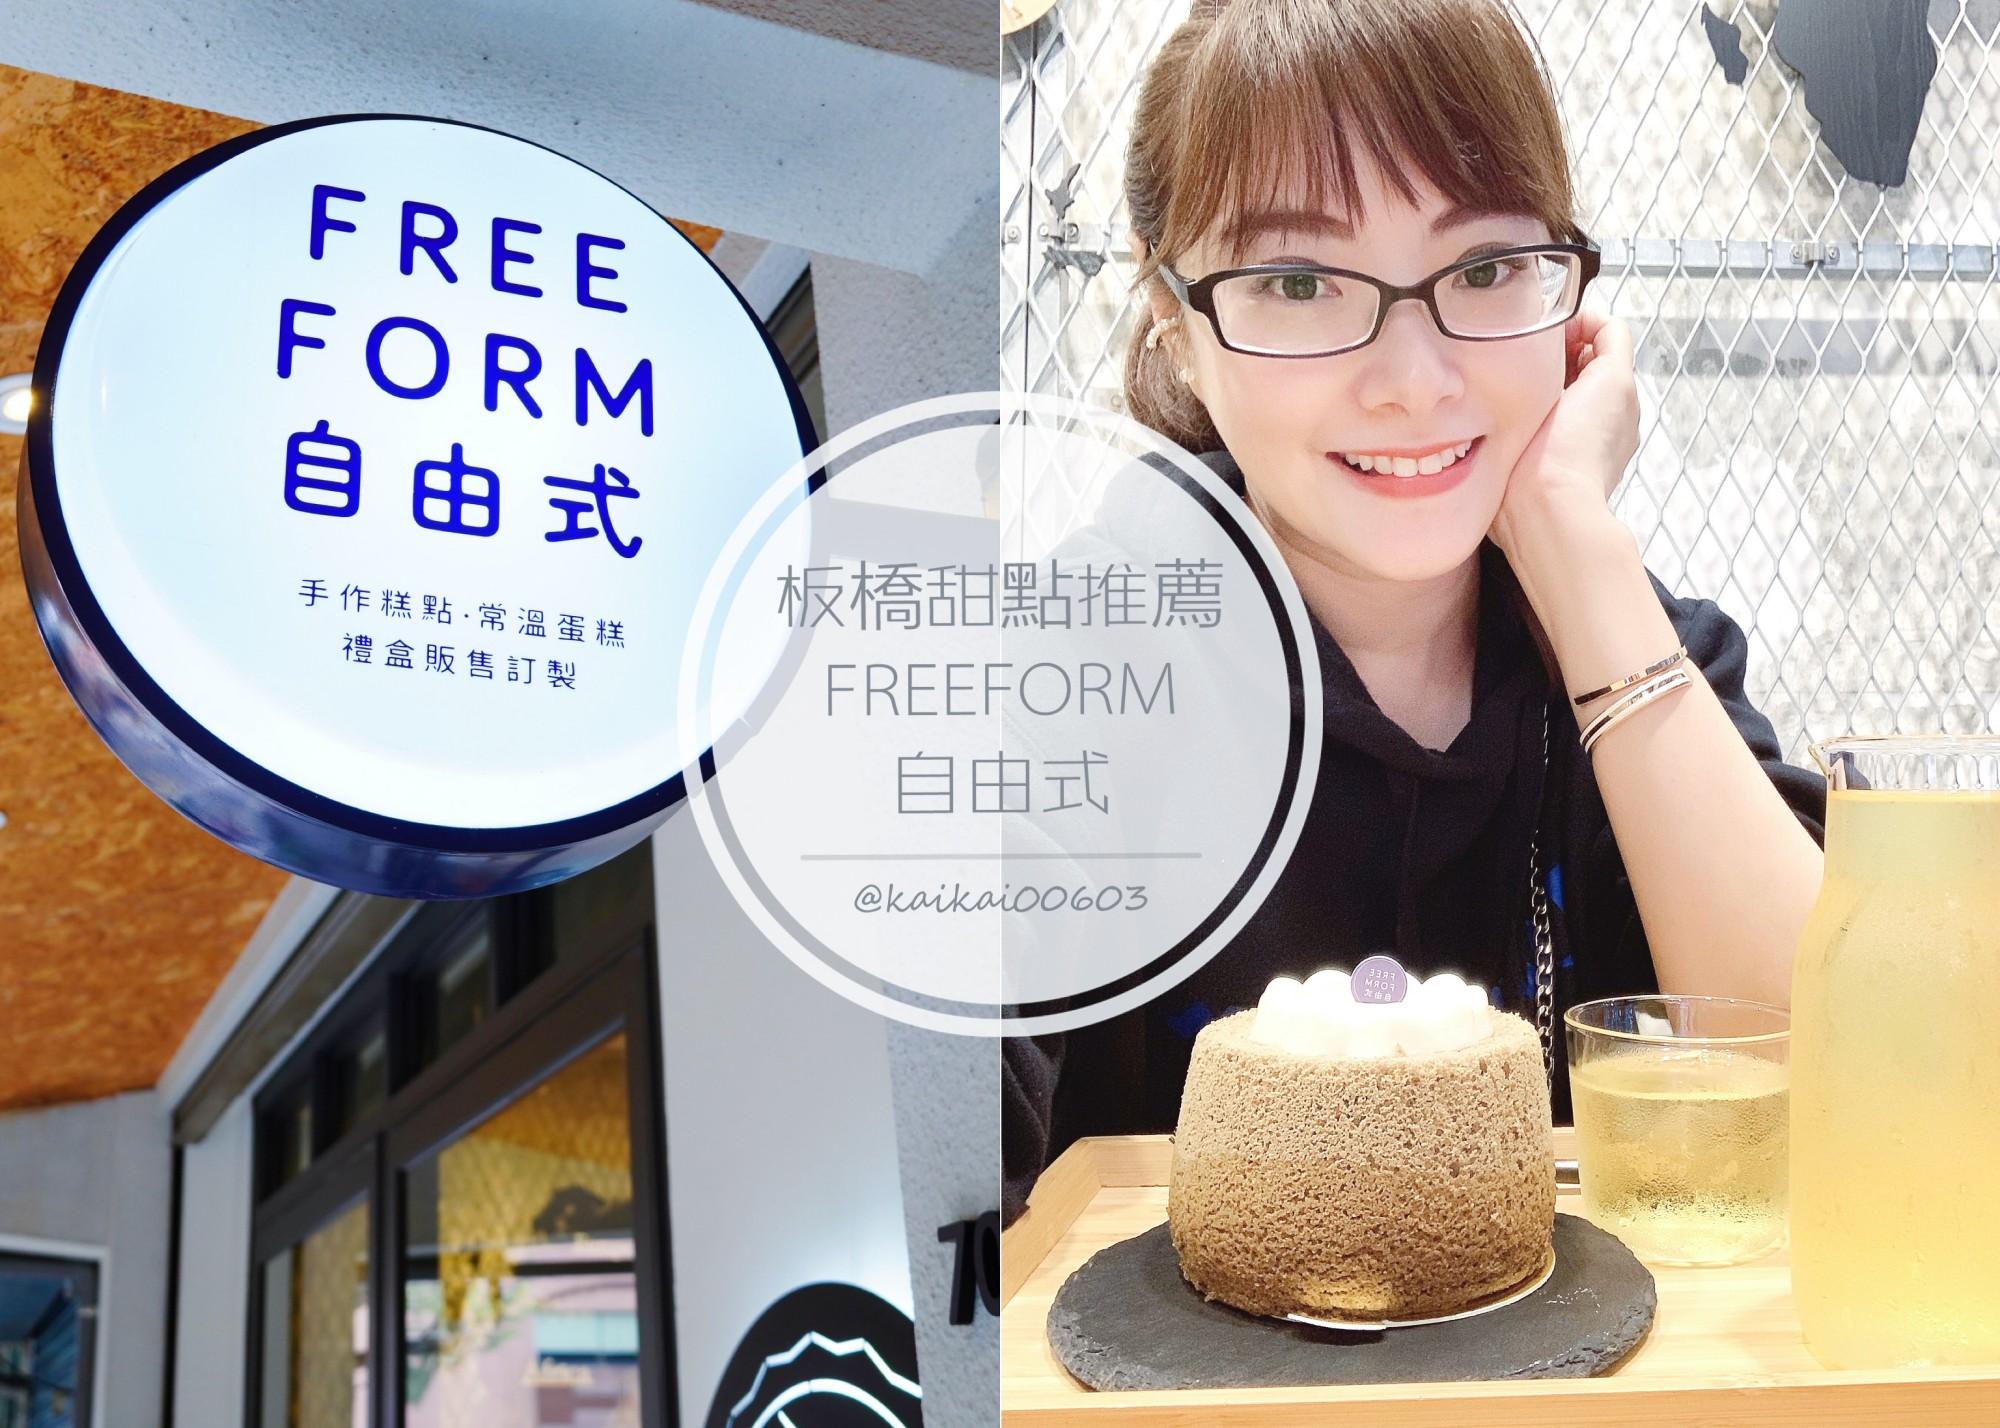 即時熱門文章:☆【新北 / 江子翠站】板橋 自由式Free Form手作糕點。綿軟、蓬鬆、爆漿戚風蛋糕